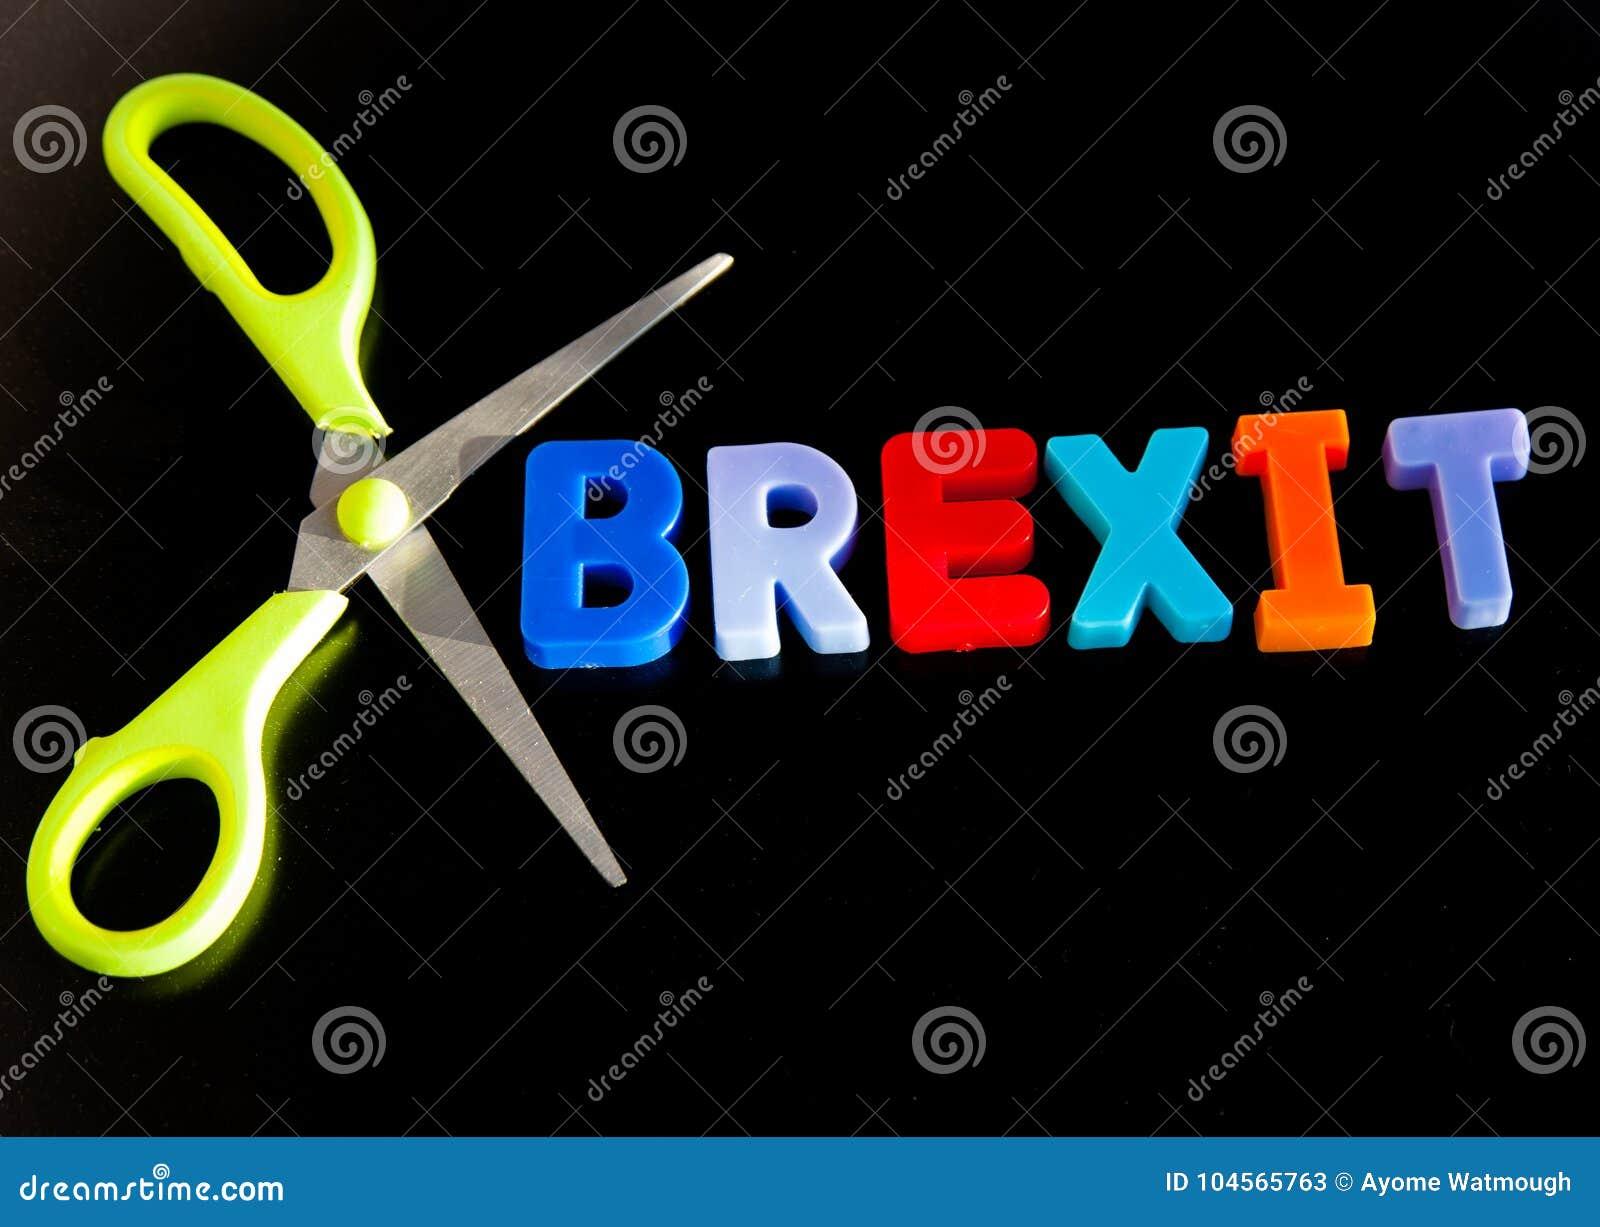 Brexit cuts